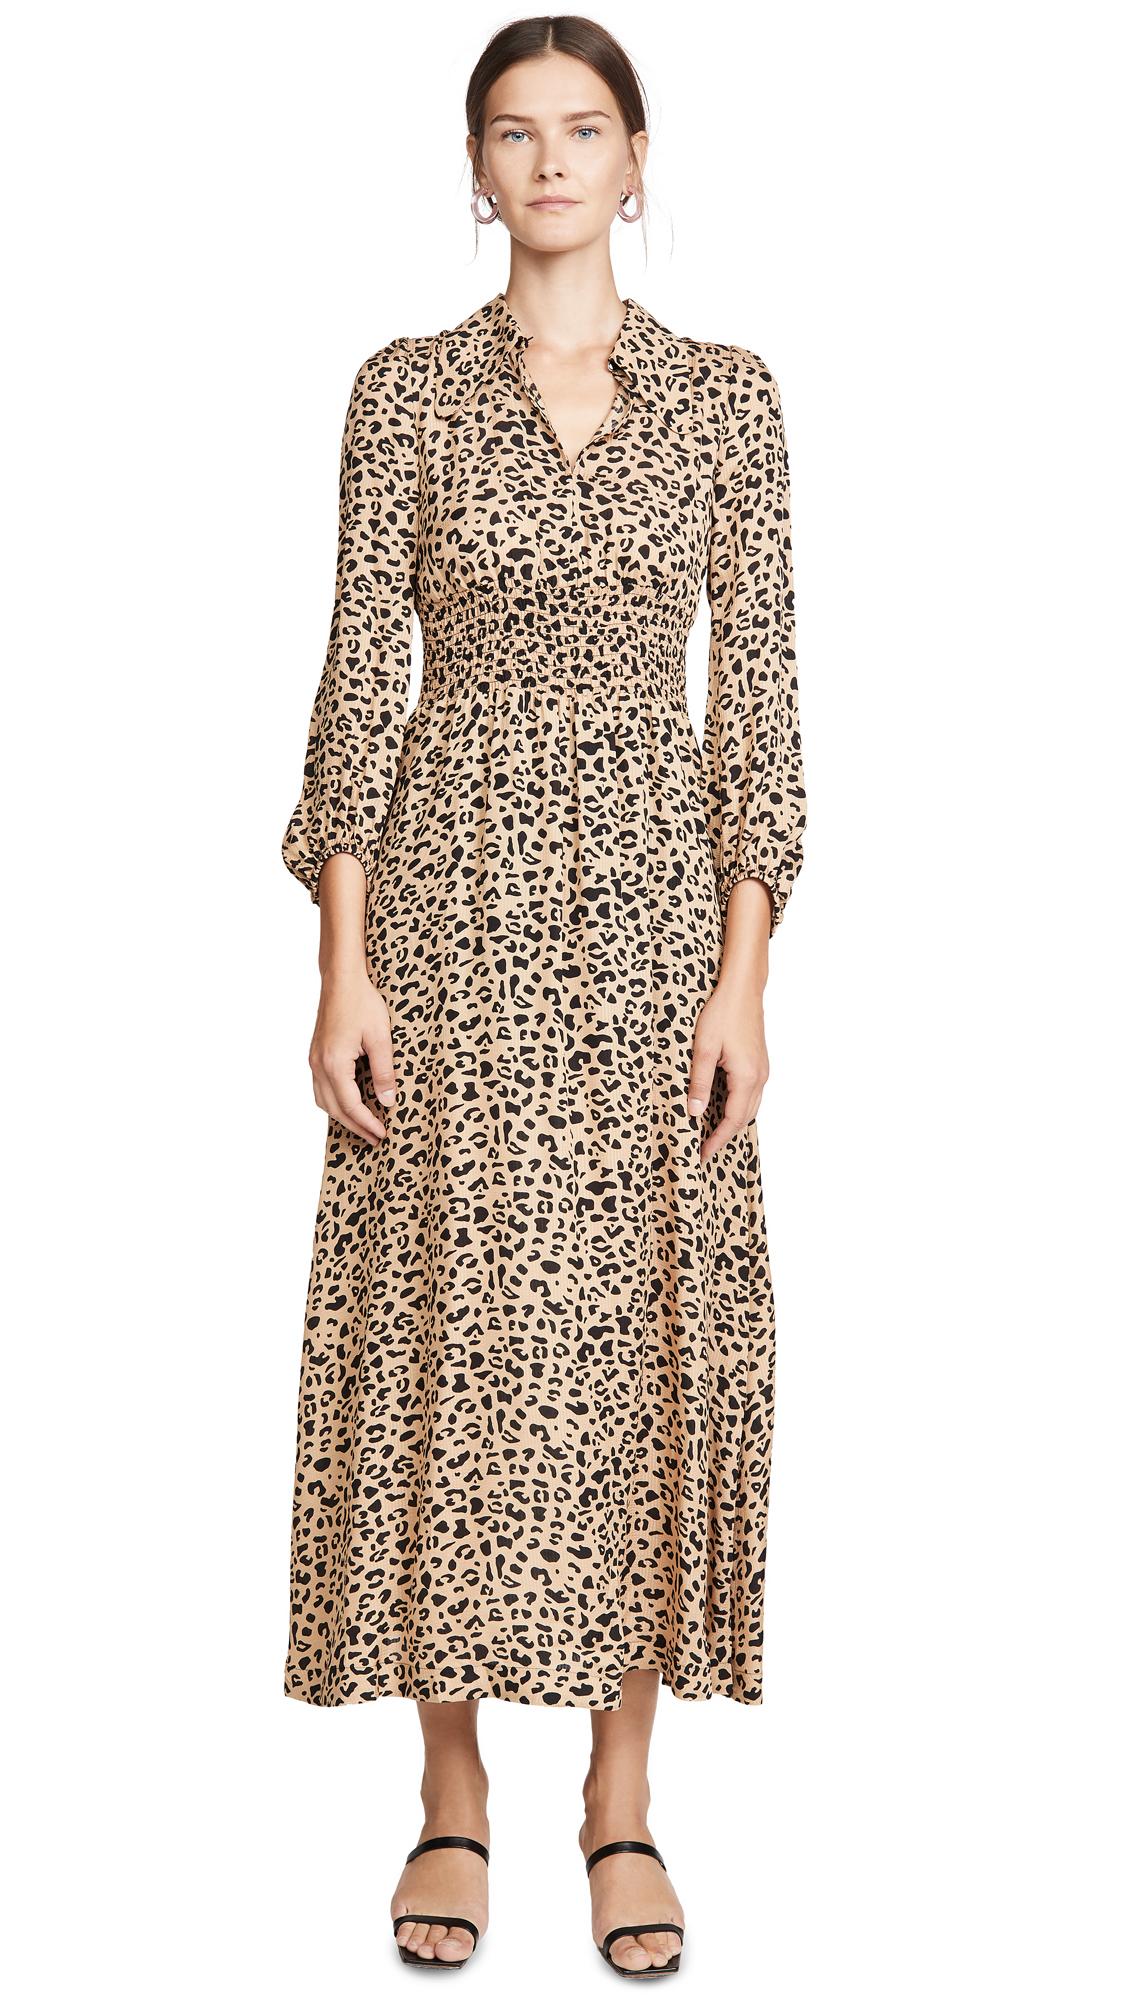 Buy BAUM UND PFERDGARTEN online - photo of BAUM UND PFERDGARTEN Amber Dress